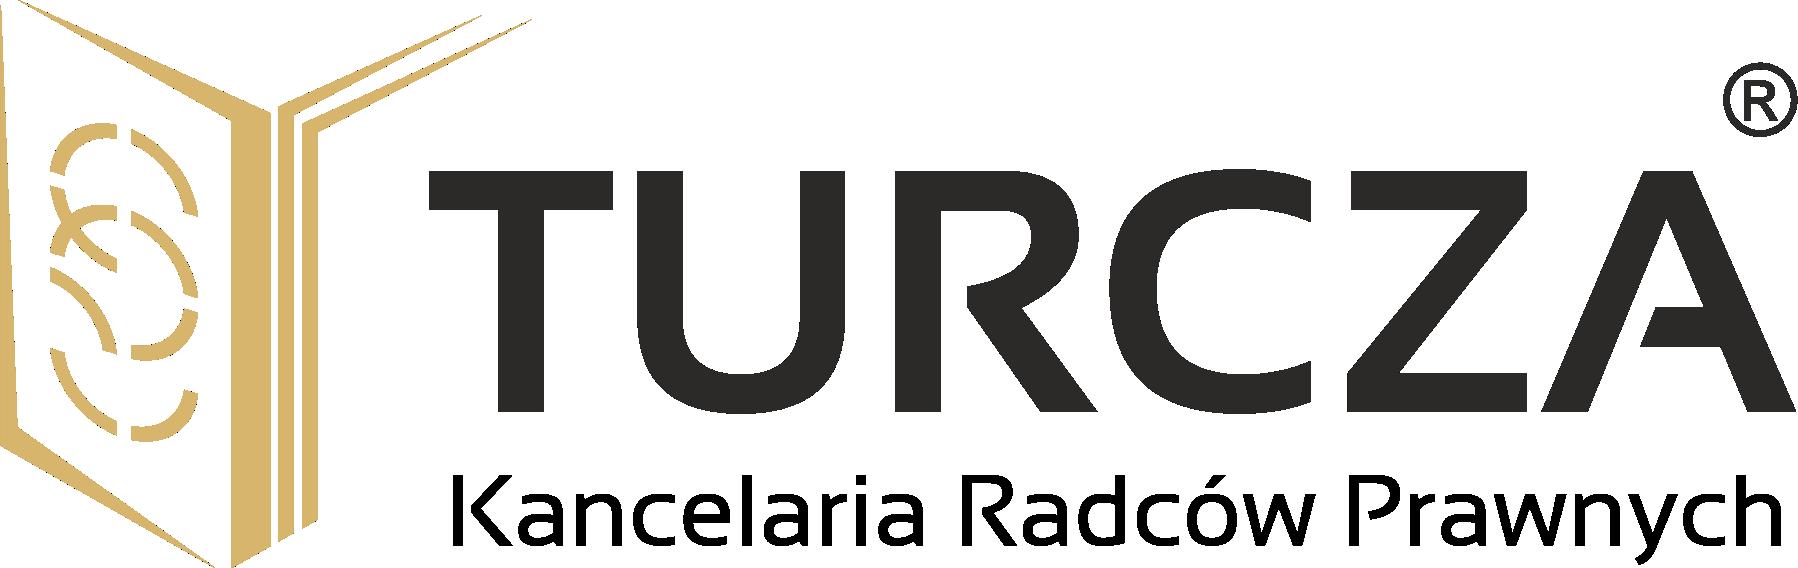 Logo MAREK TURCZA KANCELARIA RADCÓW PRAWNYCH